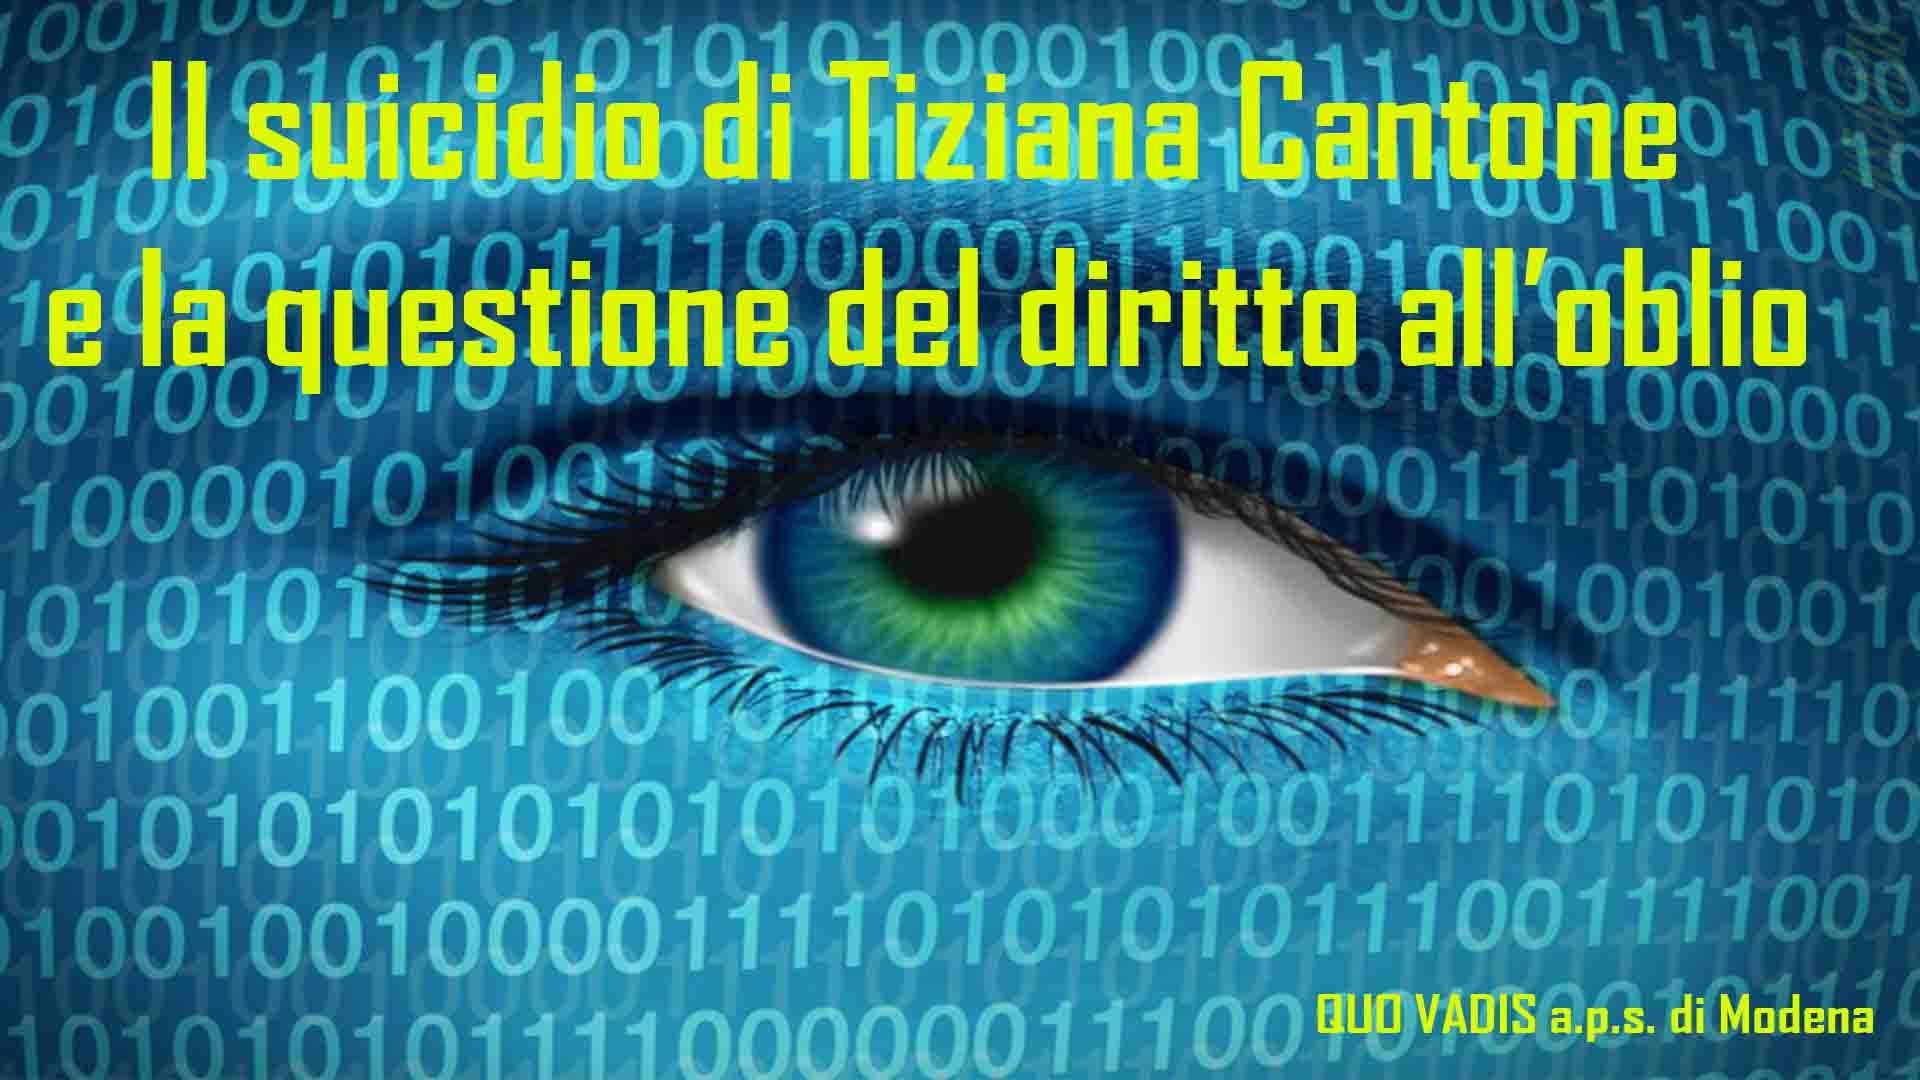 Il suicidio di Tiziana Cantone e la questione del diritto all'oblio